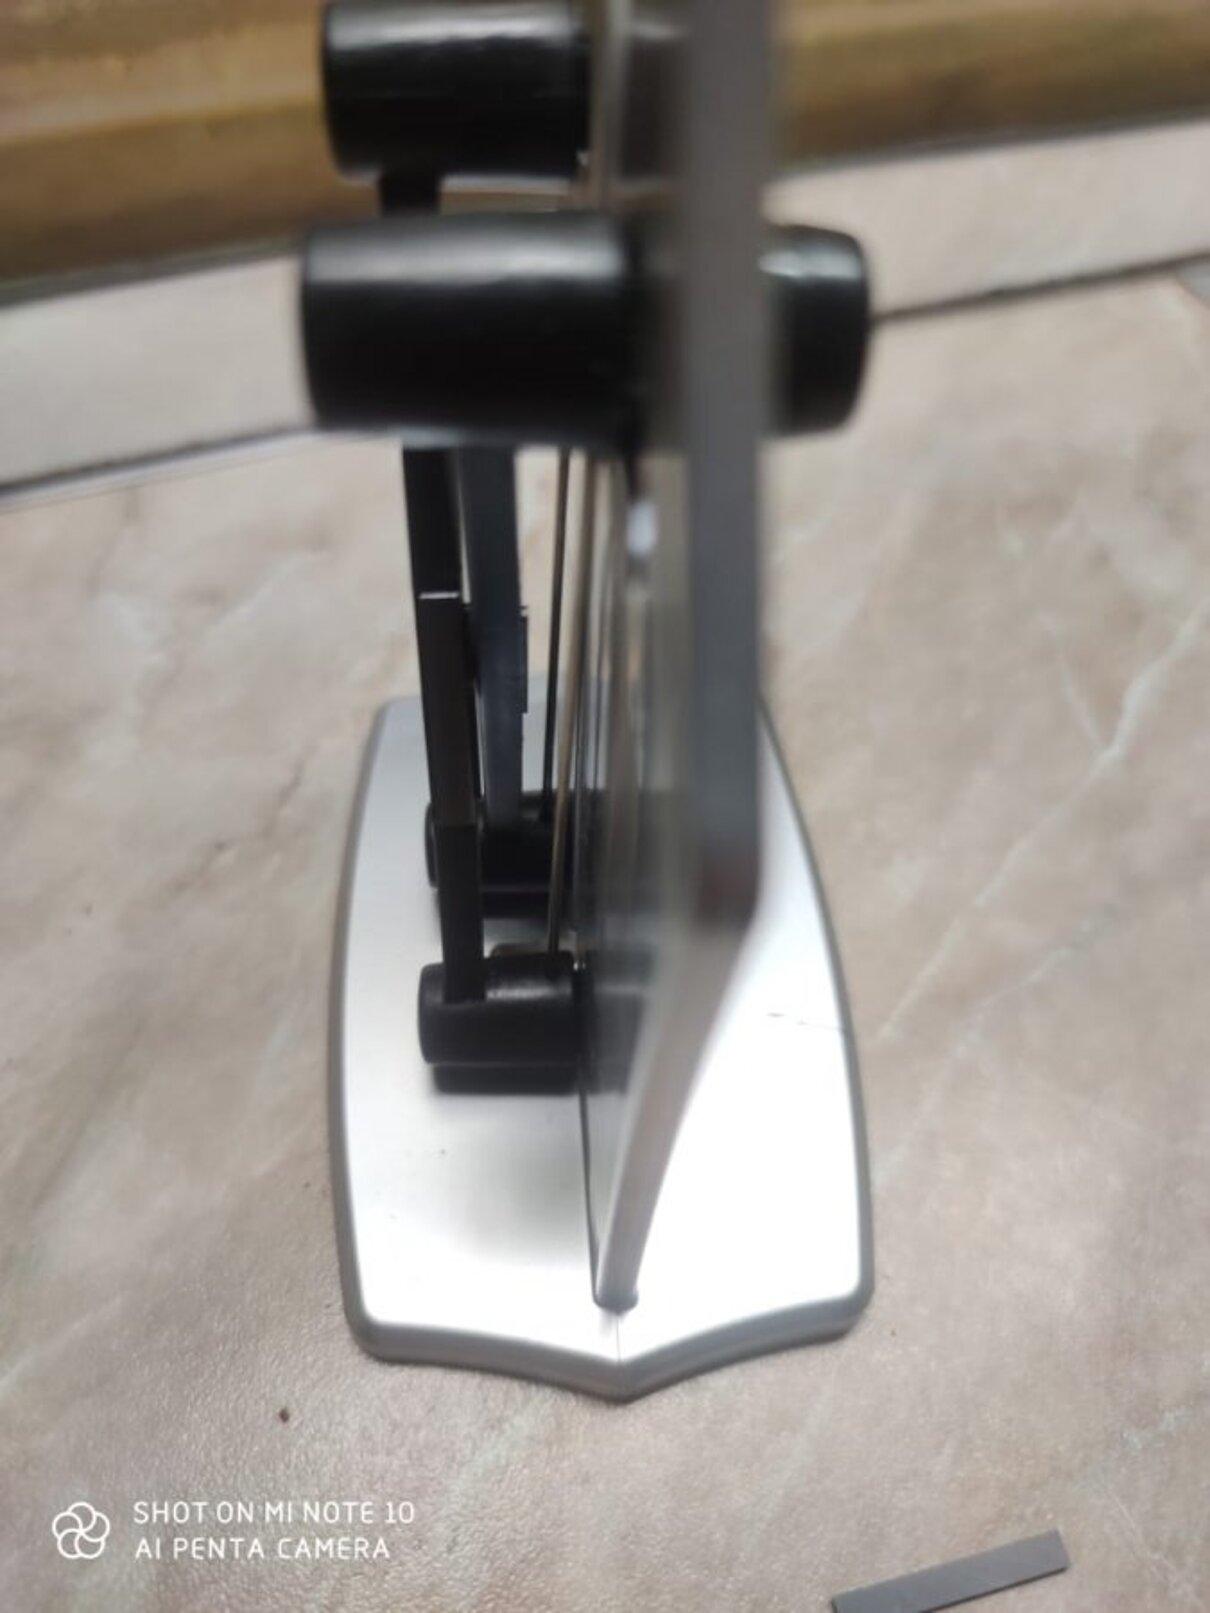 Жалоба-отзыв: Кatana king точилка для ножей - Брак.  Фото №1